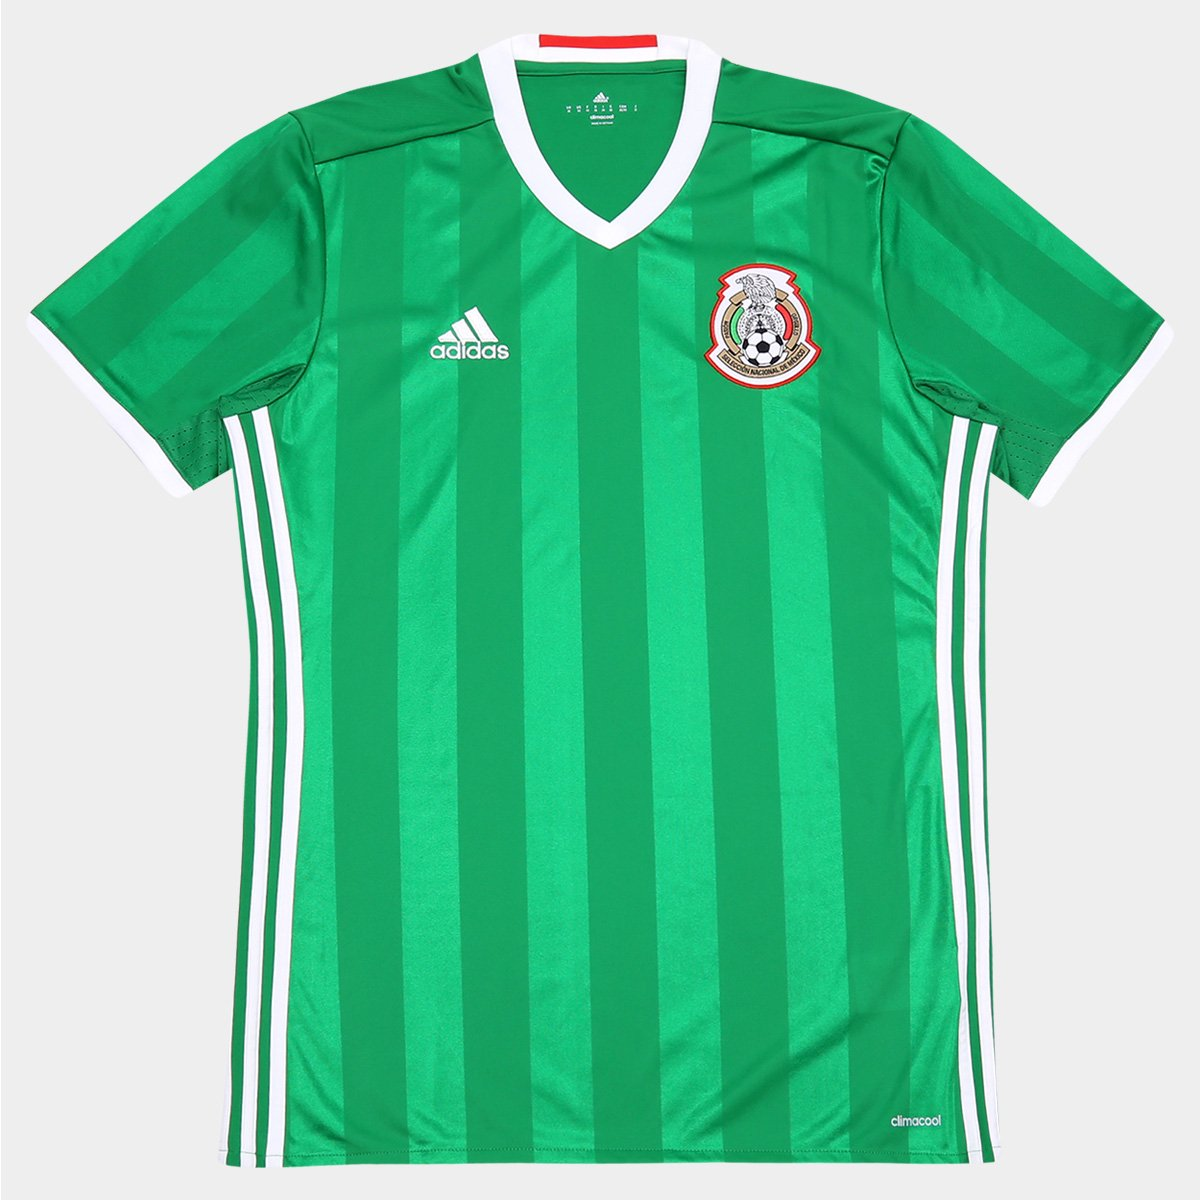 960598106b Camisa Seleção México Home 2016 s nº Torcedor Adidas Masculina - Compre  Agora